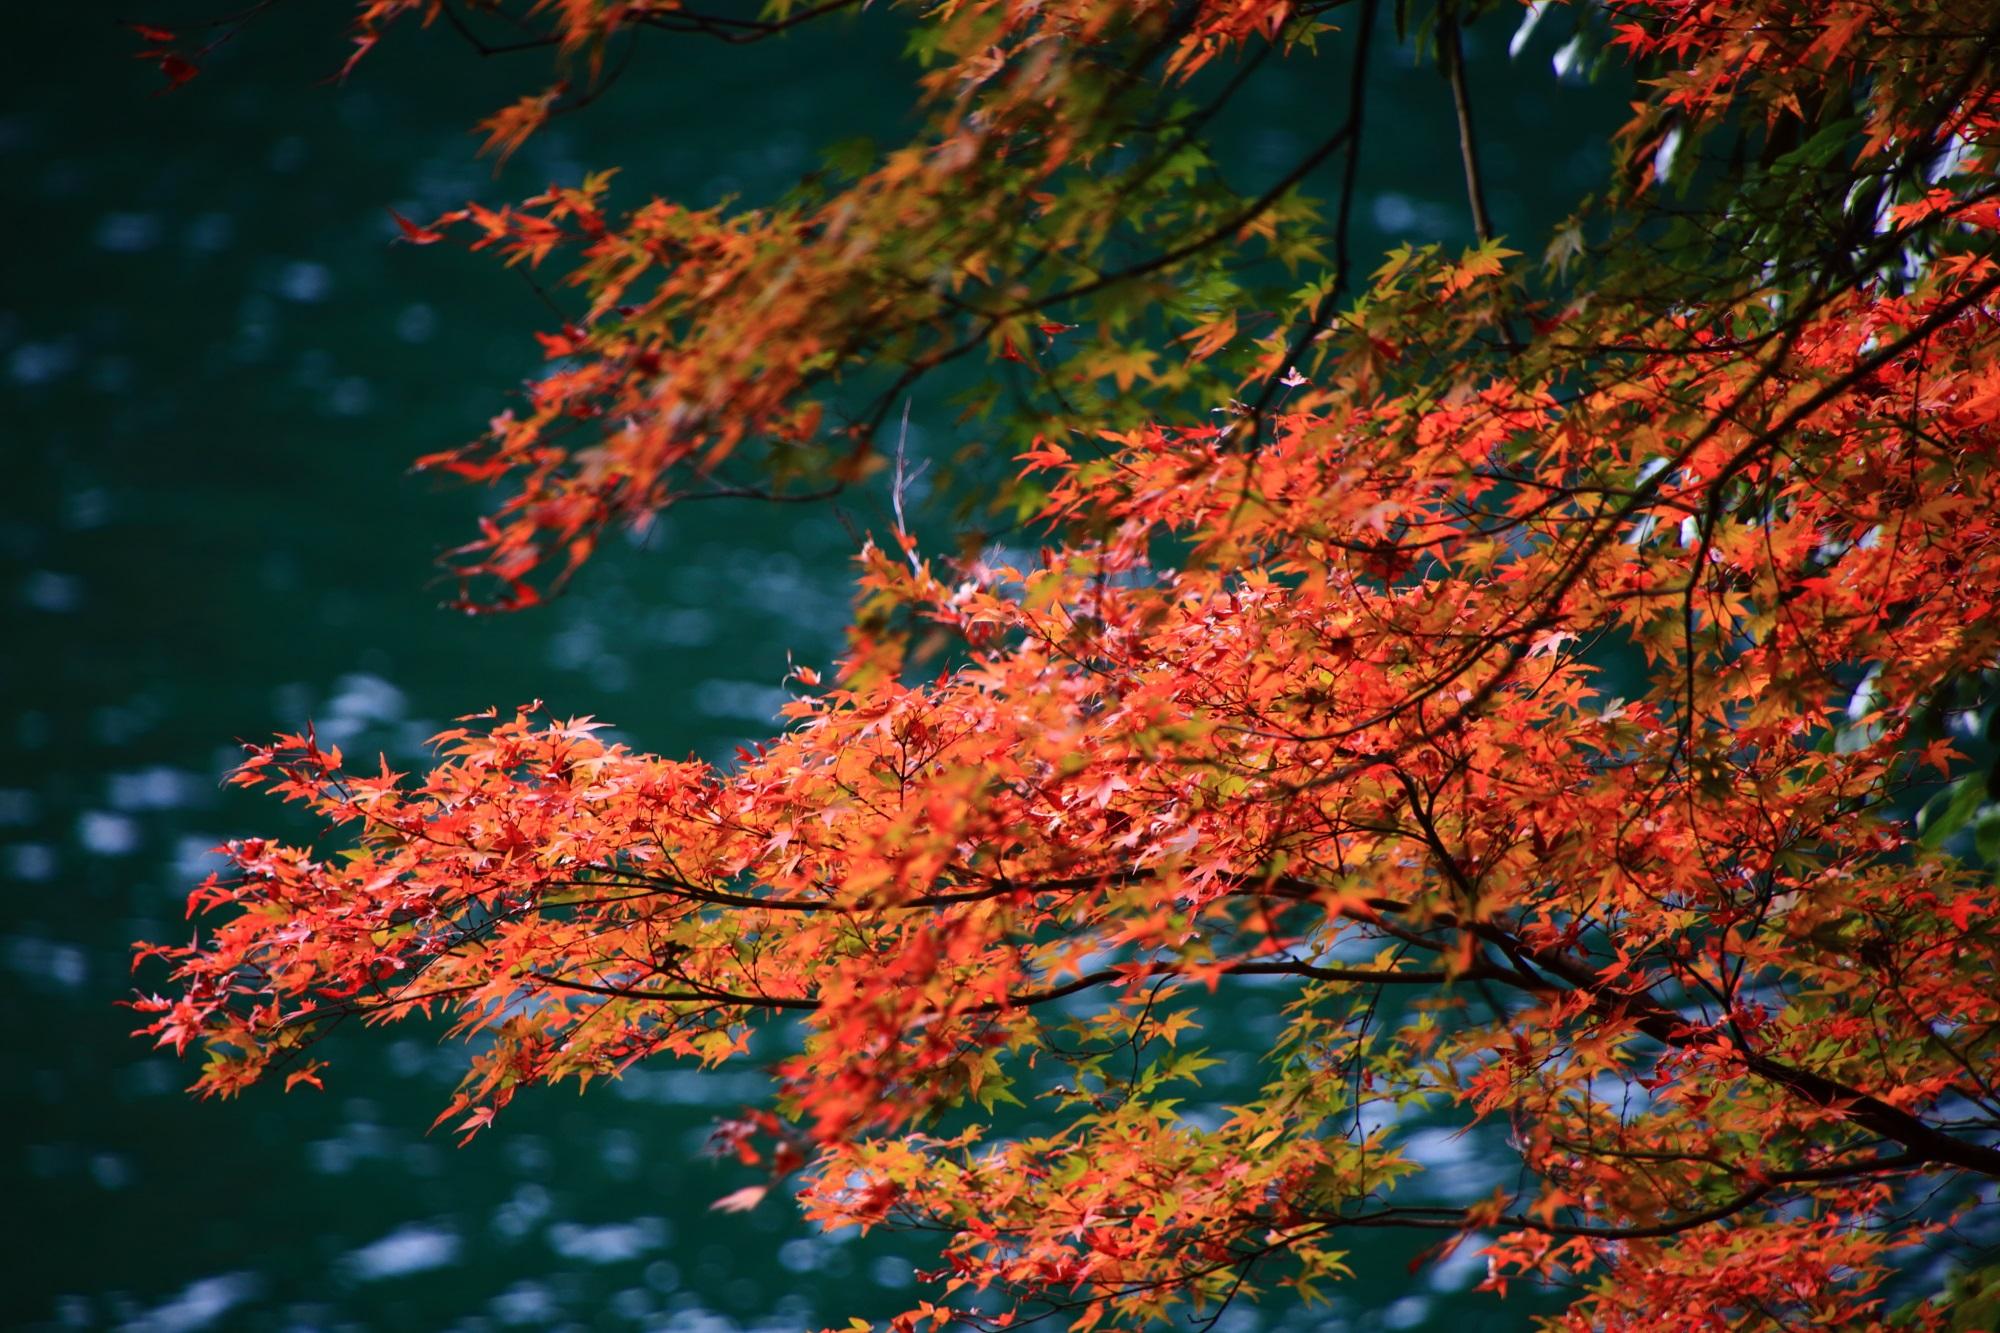 紅葉の名所の宇治川の綺麗な紅葉